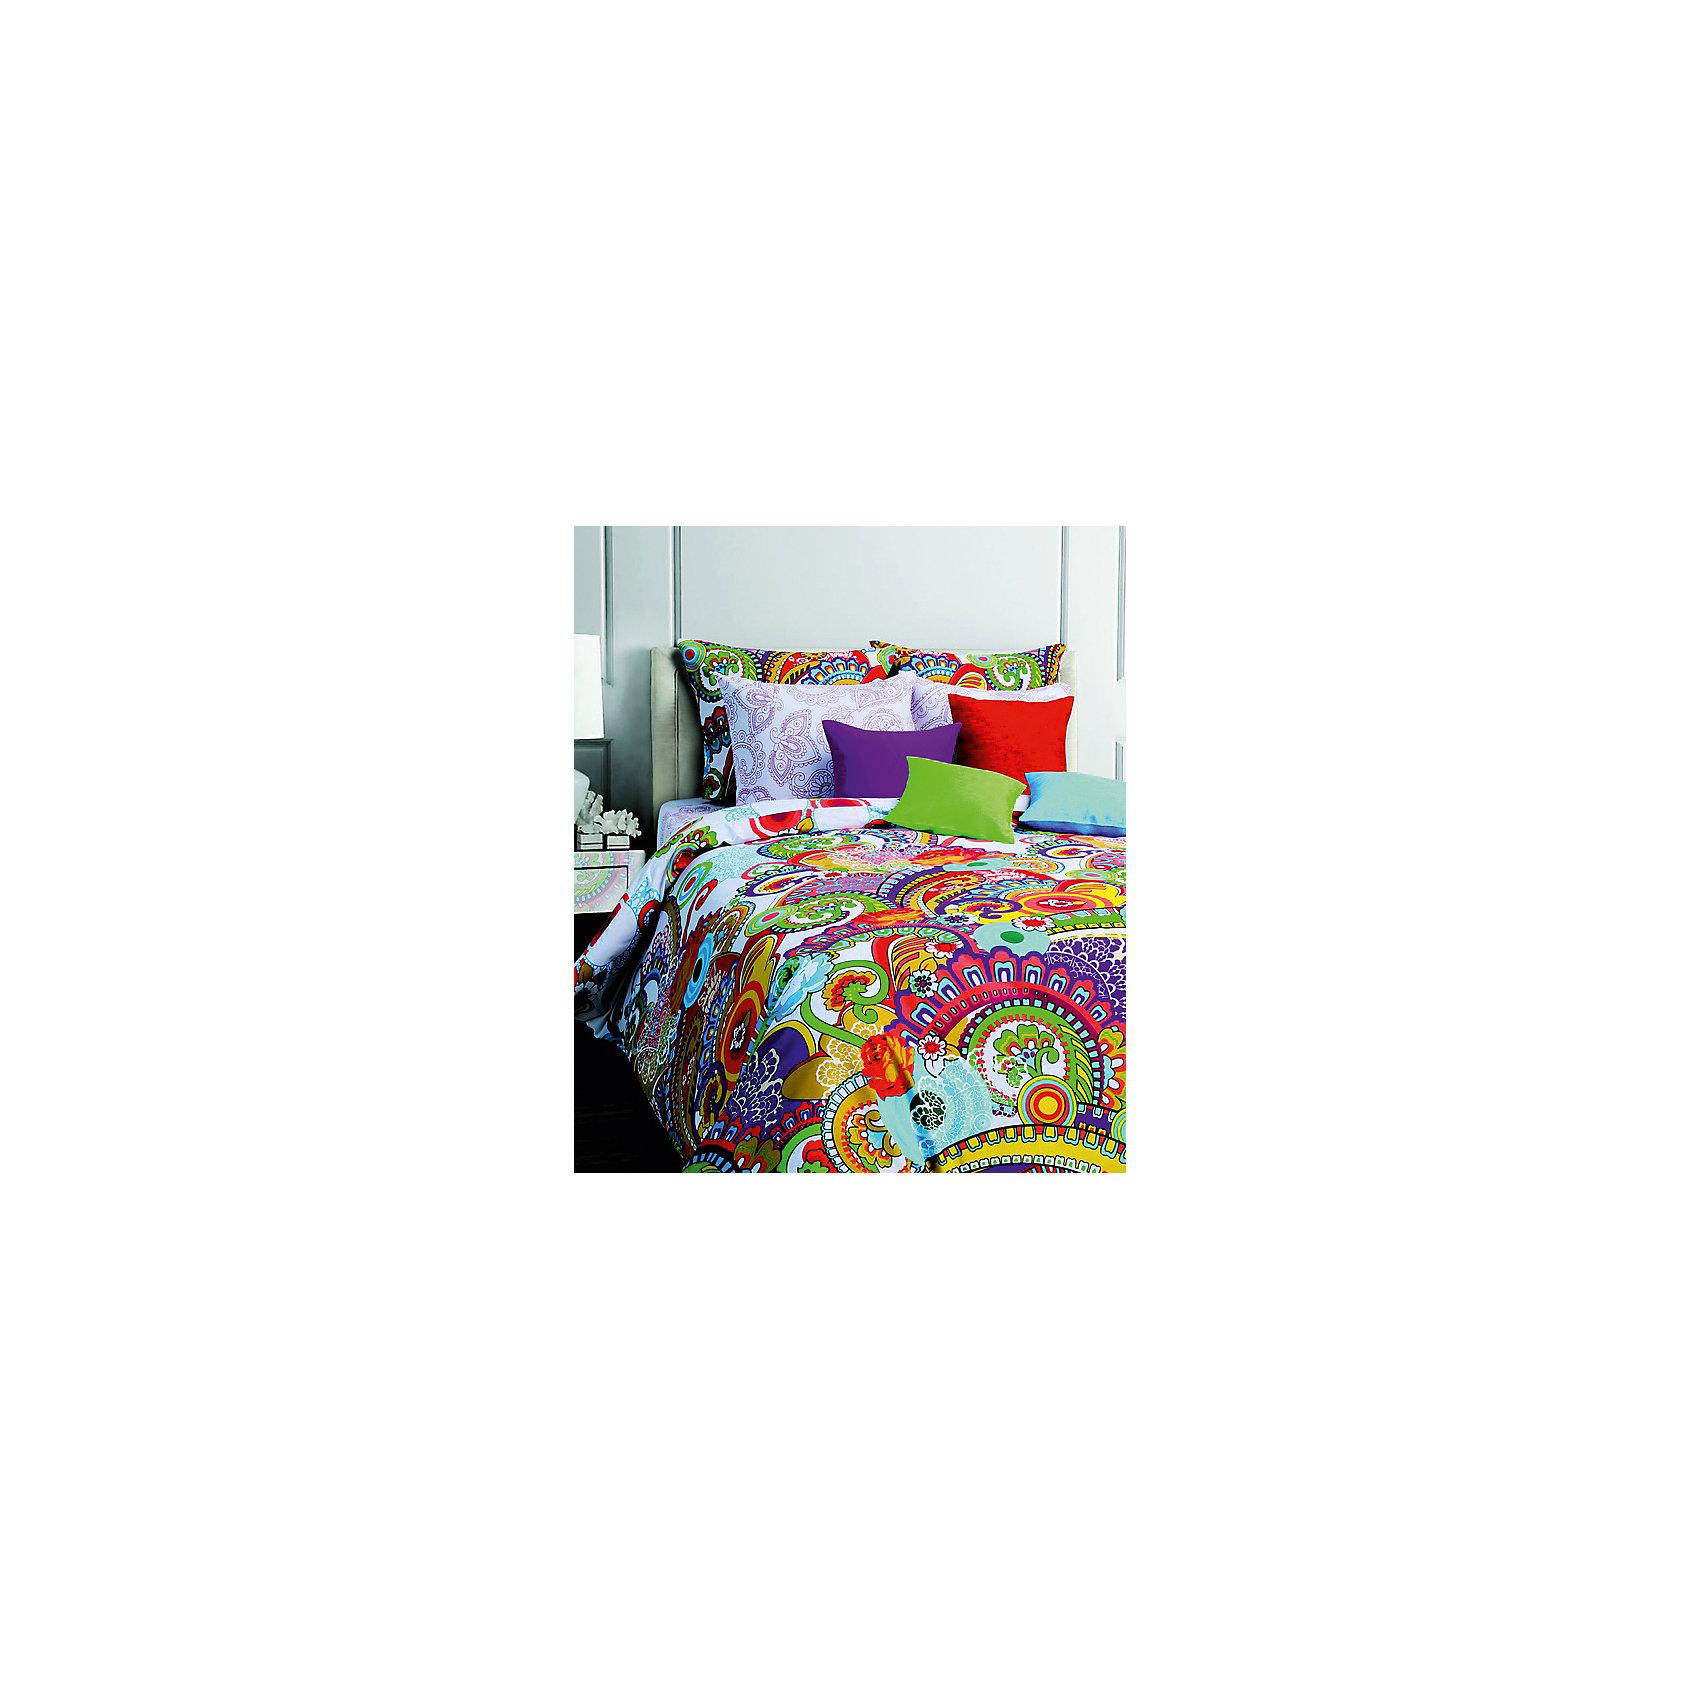 Постельное белье Samui, 1,5-спальный, 70*70, Mona LizaДомашний текстиль<br>Семейный комплект постельного белья Samui торговой марки Mona Liza подарит Вам множество ярких и насыщенных красок, приятные ощущения во время сна, дополнит интерьер Вашей спальни, внесет в нее дополнительную гармонию. А также сможет подарить Вам ощущение свежести и комфорта на всю ночь. Комплект постельного белья изготовлен из  нежных гипоаллергенных материалов - бязи высокого качества, которая произведена на современном оборудовании  при помощи современных и безопасных материалов. Комплект постельного белья 1,5-спальный включает простыню, пододеяльник и две наволочки 70х70см.<br><br>Дополнительная информация: <br><br>- производитель: mona liza<br>- материал: бязь<br>- состав: 100% хлопок<br>- размер комплекта: полутораспальный<br>- размер пододеяльника: 145*210 см<br>- тип застежки: пуговицы<br>- размер простыни: 150*215 (обычная)<br>- размер наволочек: 70*70 (2 шт)<br>- упаковка комплекта: книжка пвх<br>- страна бренда: Россия<br>- страна производитель: Россия<br><br>Комплект постельного белья   Samui  торговой марки  Мона Лиза можно купить в нашем интернет-магазине.<br><br>Ширина мм: 290<br>Глубина мм: 70<br>Высота мм: 370<br>Вес г: 1450<br>Возраст от месяцев: 84<br>Возраст до месяцев: 1188<br>Пол: Унисекс<br>Возраст: Детский<br>SKU: 4902106